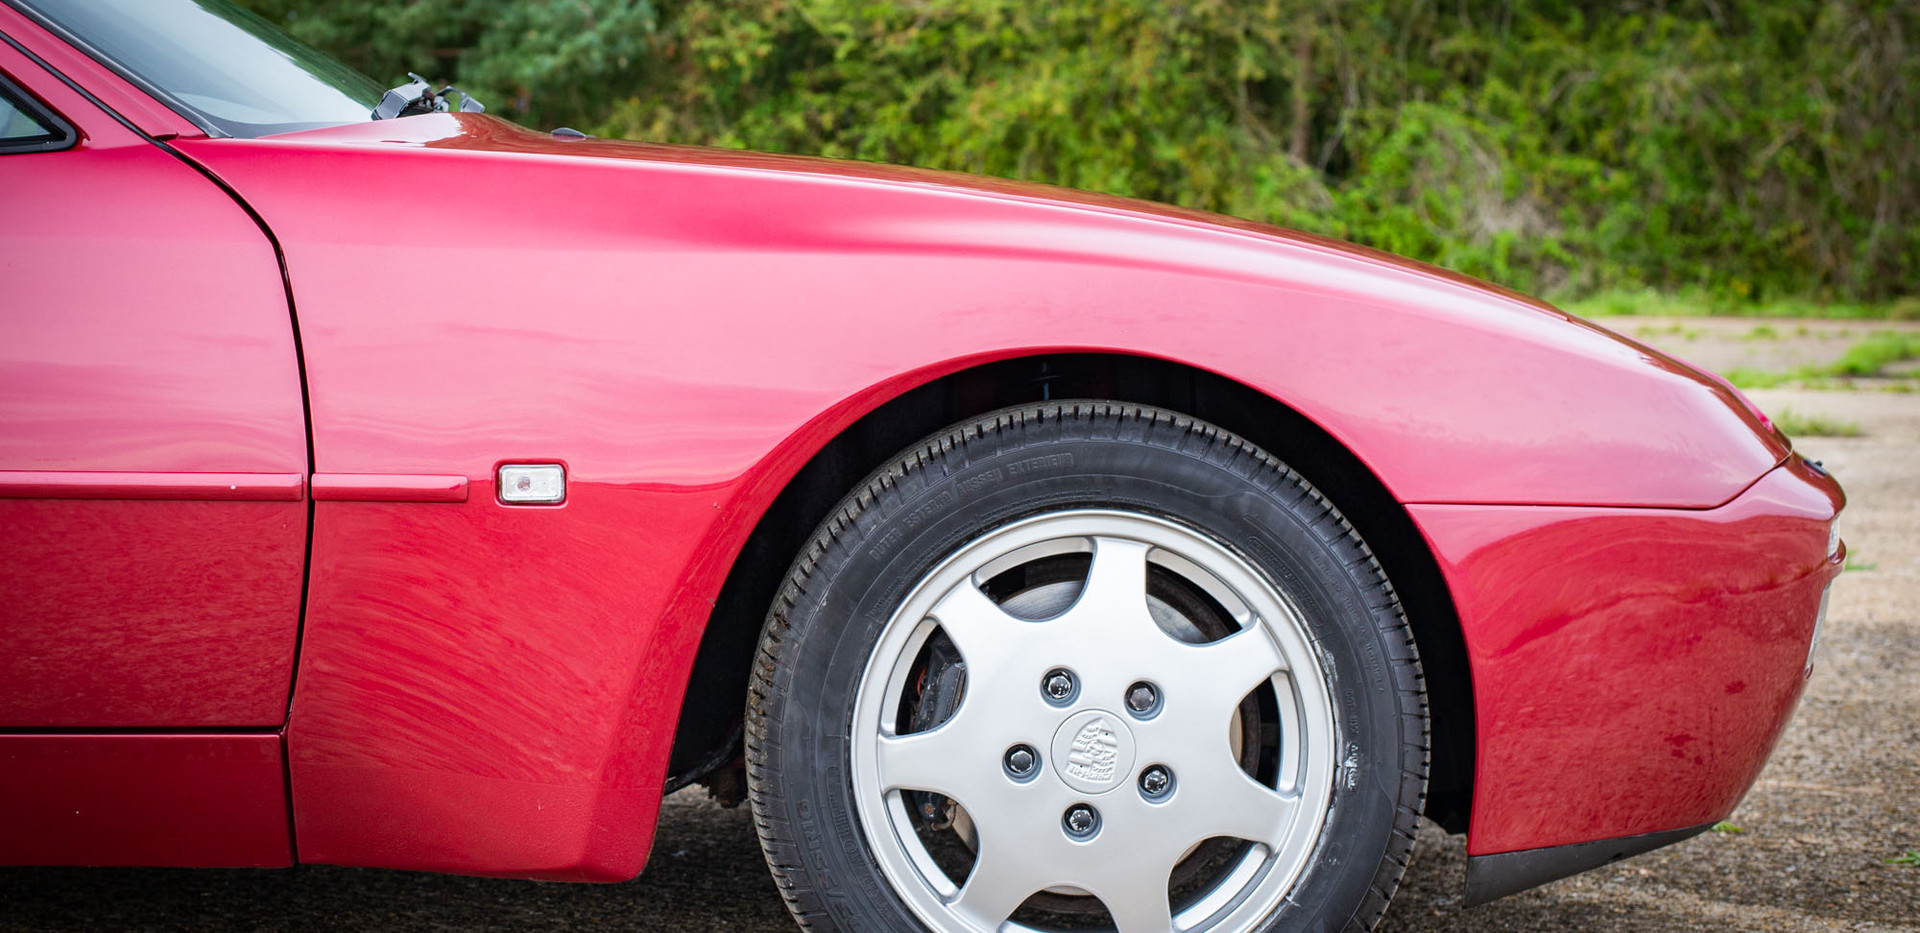 Porsche 944S For Sale UK London-24.jpg